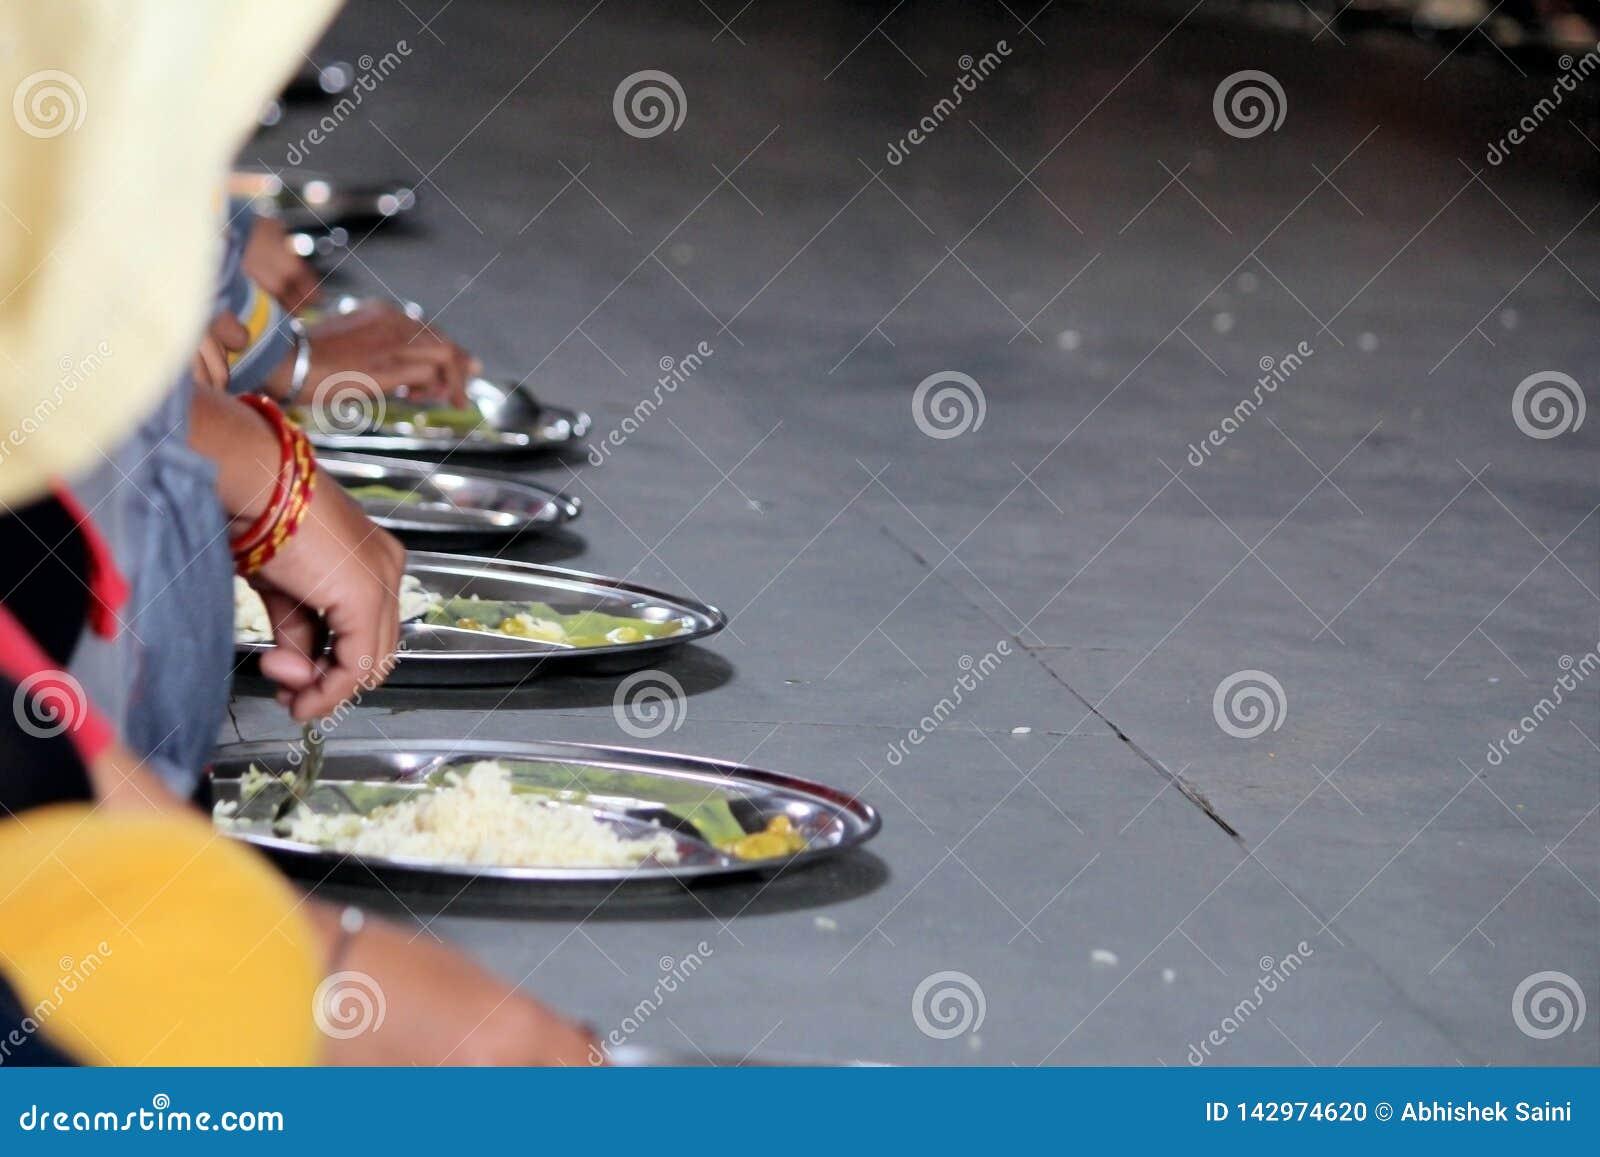 NUEVA DELI, la INDIA - 21 de marzo de 2019: los peregrinos comen comidas libres en el templo de oro Gurudwara Bangla Sahib en Del